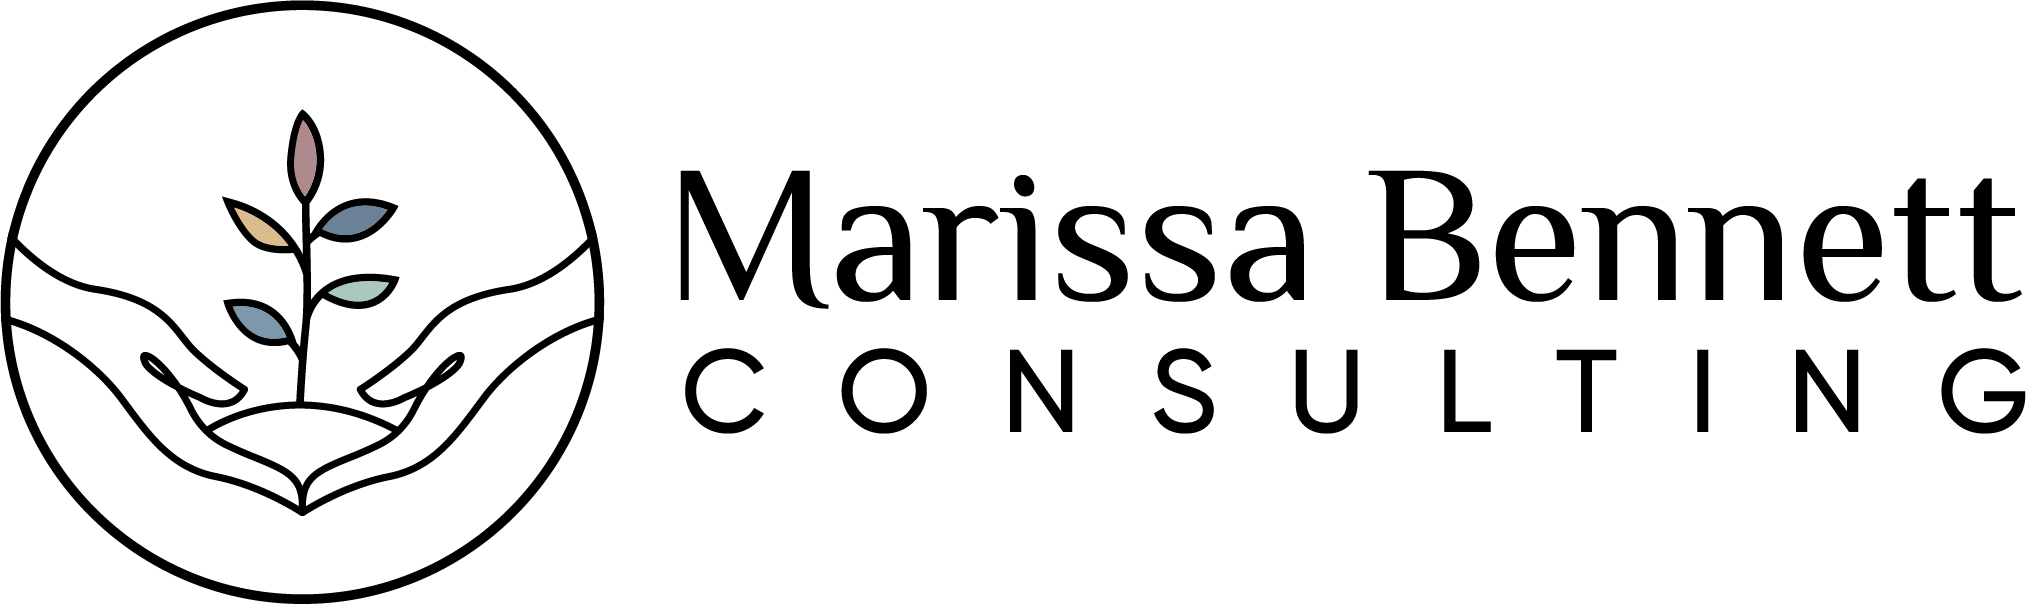 Marissa Bennett Consulting Logo